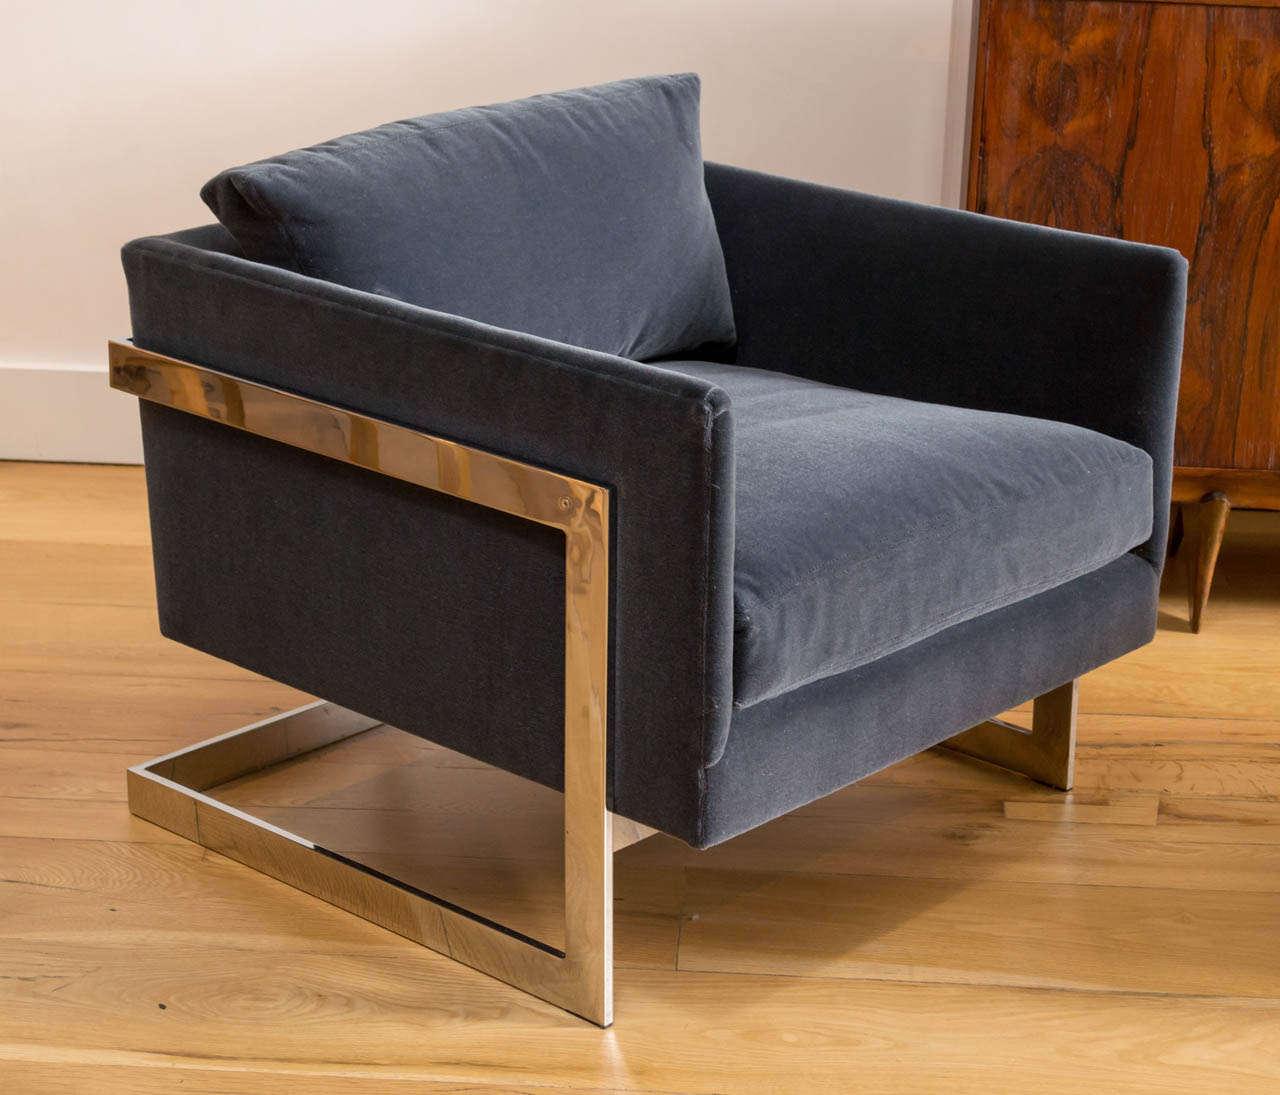 Milo Baughman - Lounge Chairs 2